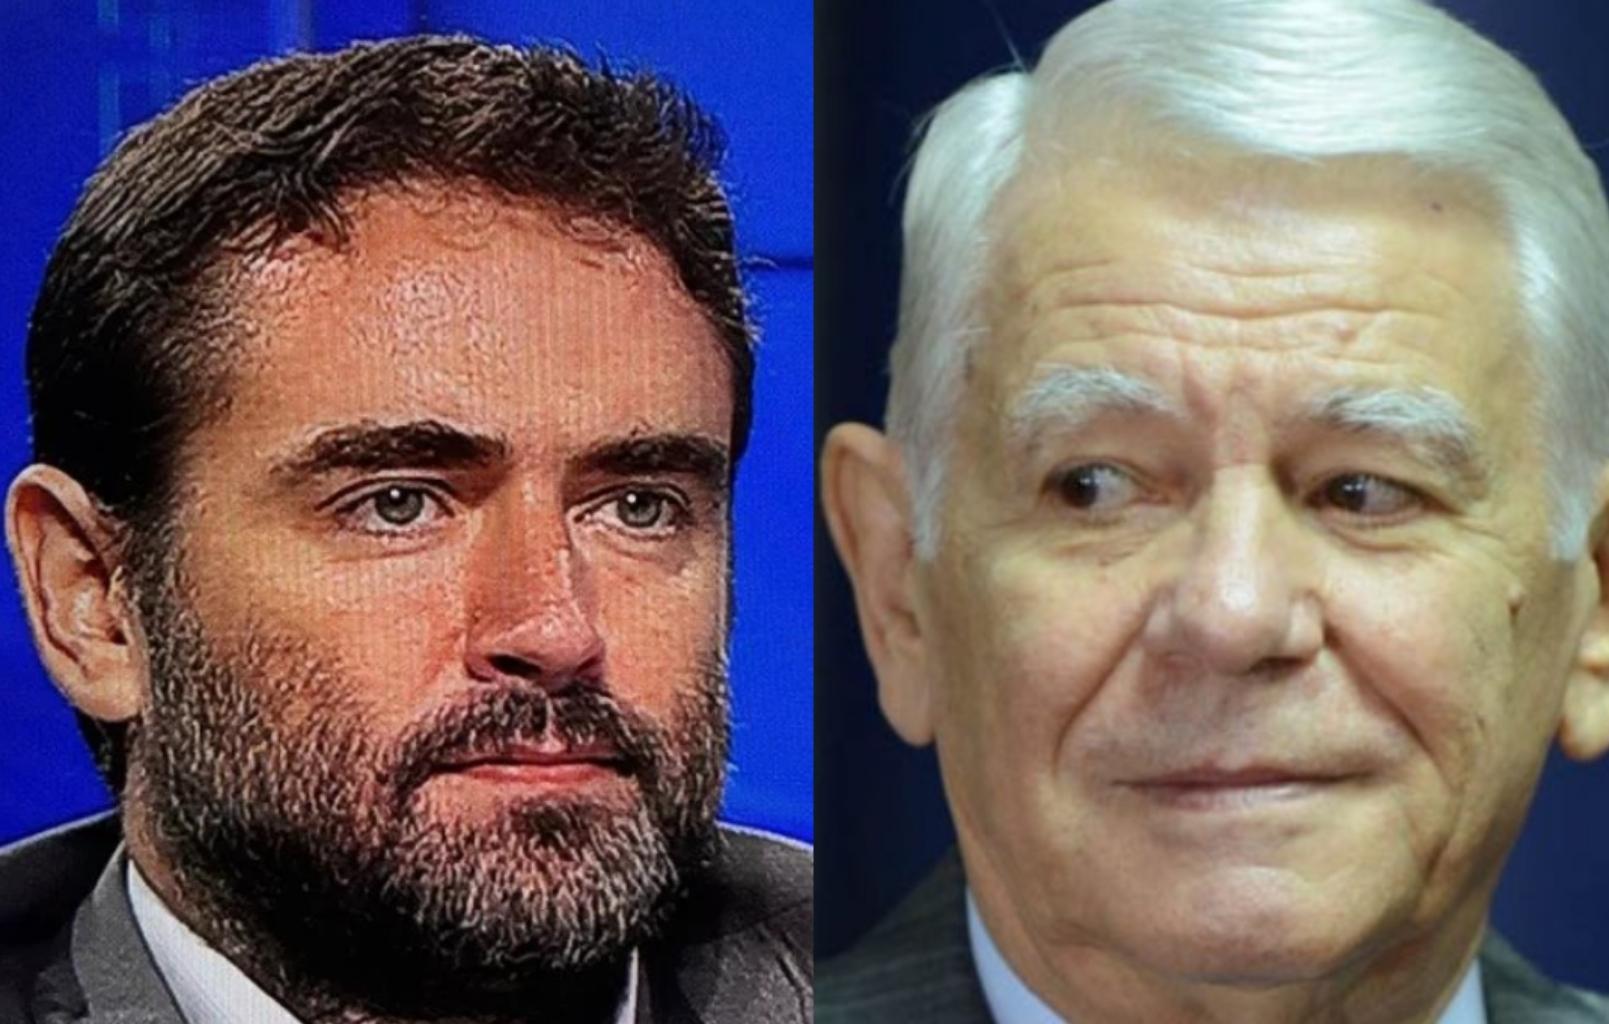 România va expulza un diplomat rus. Pe cine preferați: pe Pleșoianu sau pe Meleșcanu?